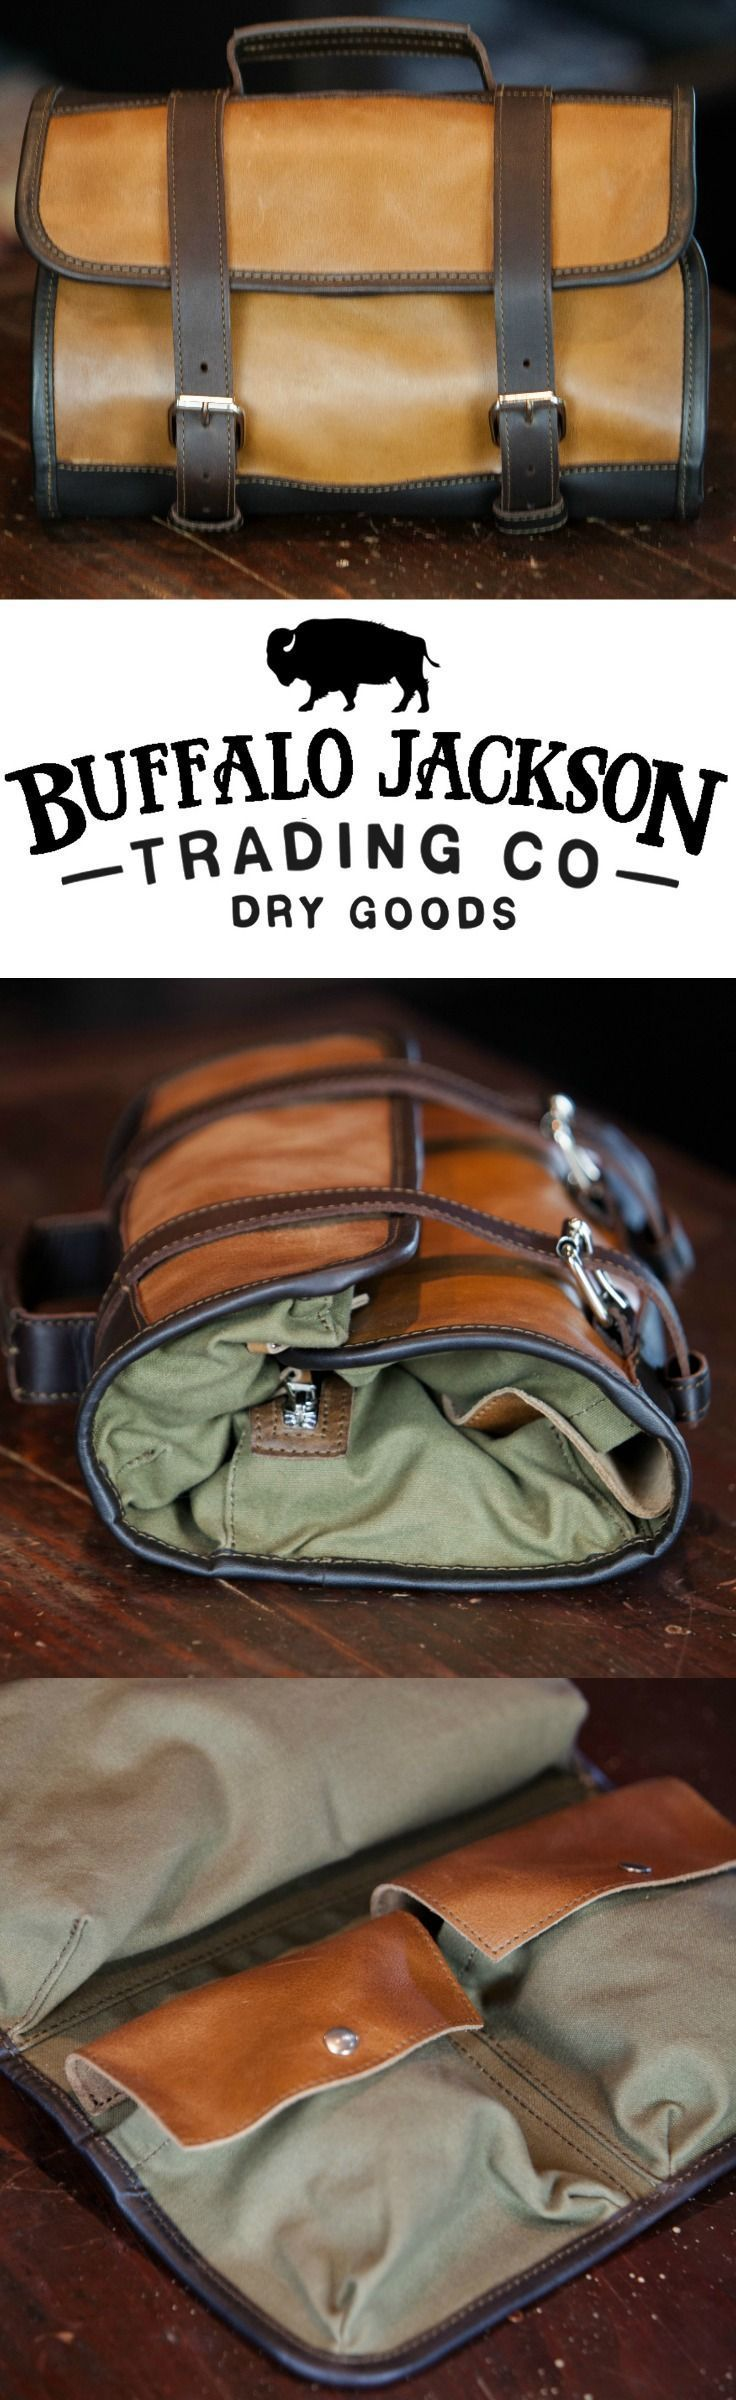 Men's Leather and Waxed Canvas Hanging Travel Kit Bag | Toiletry Bag | Dopp Kit for Men | Shaving Kit | Travel Bag